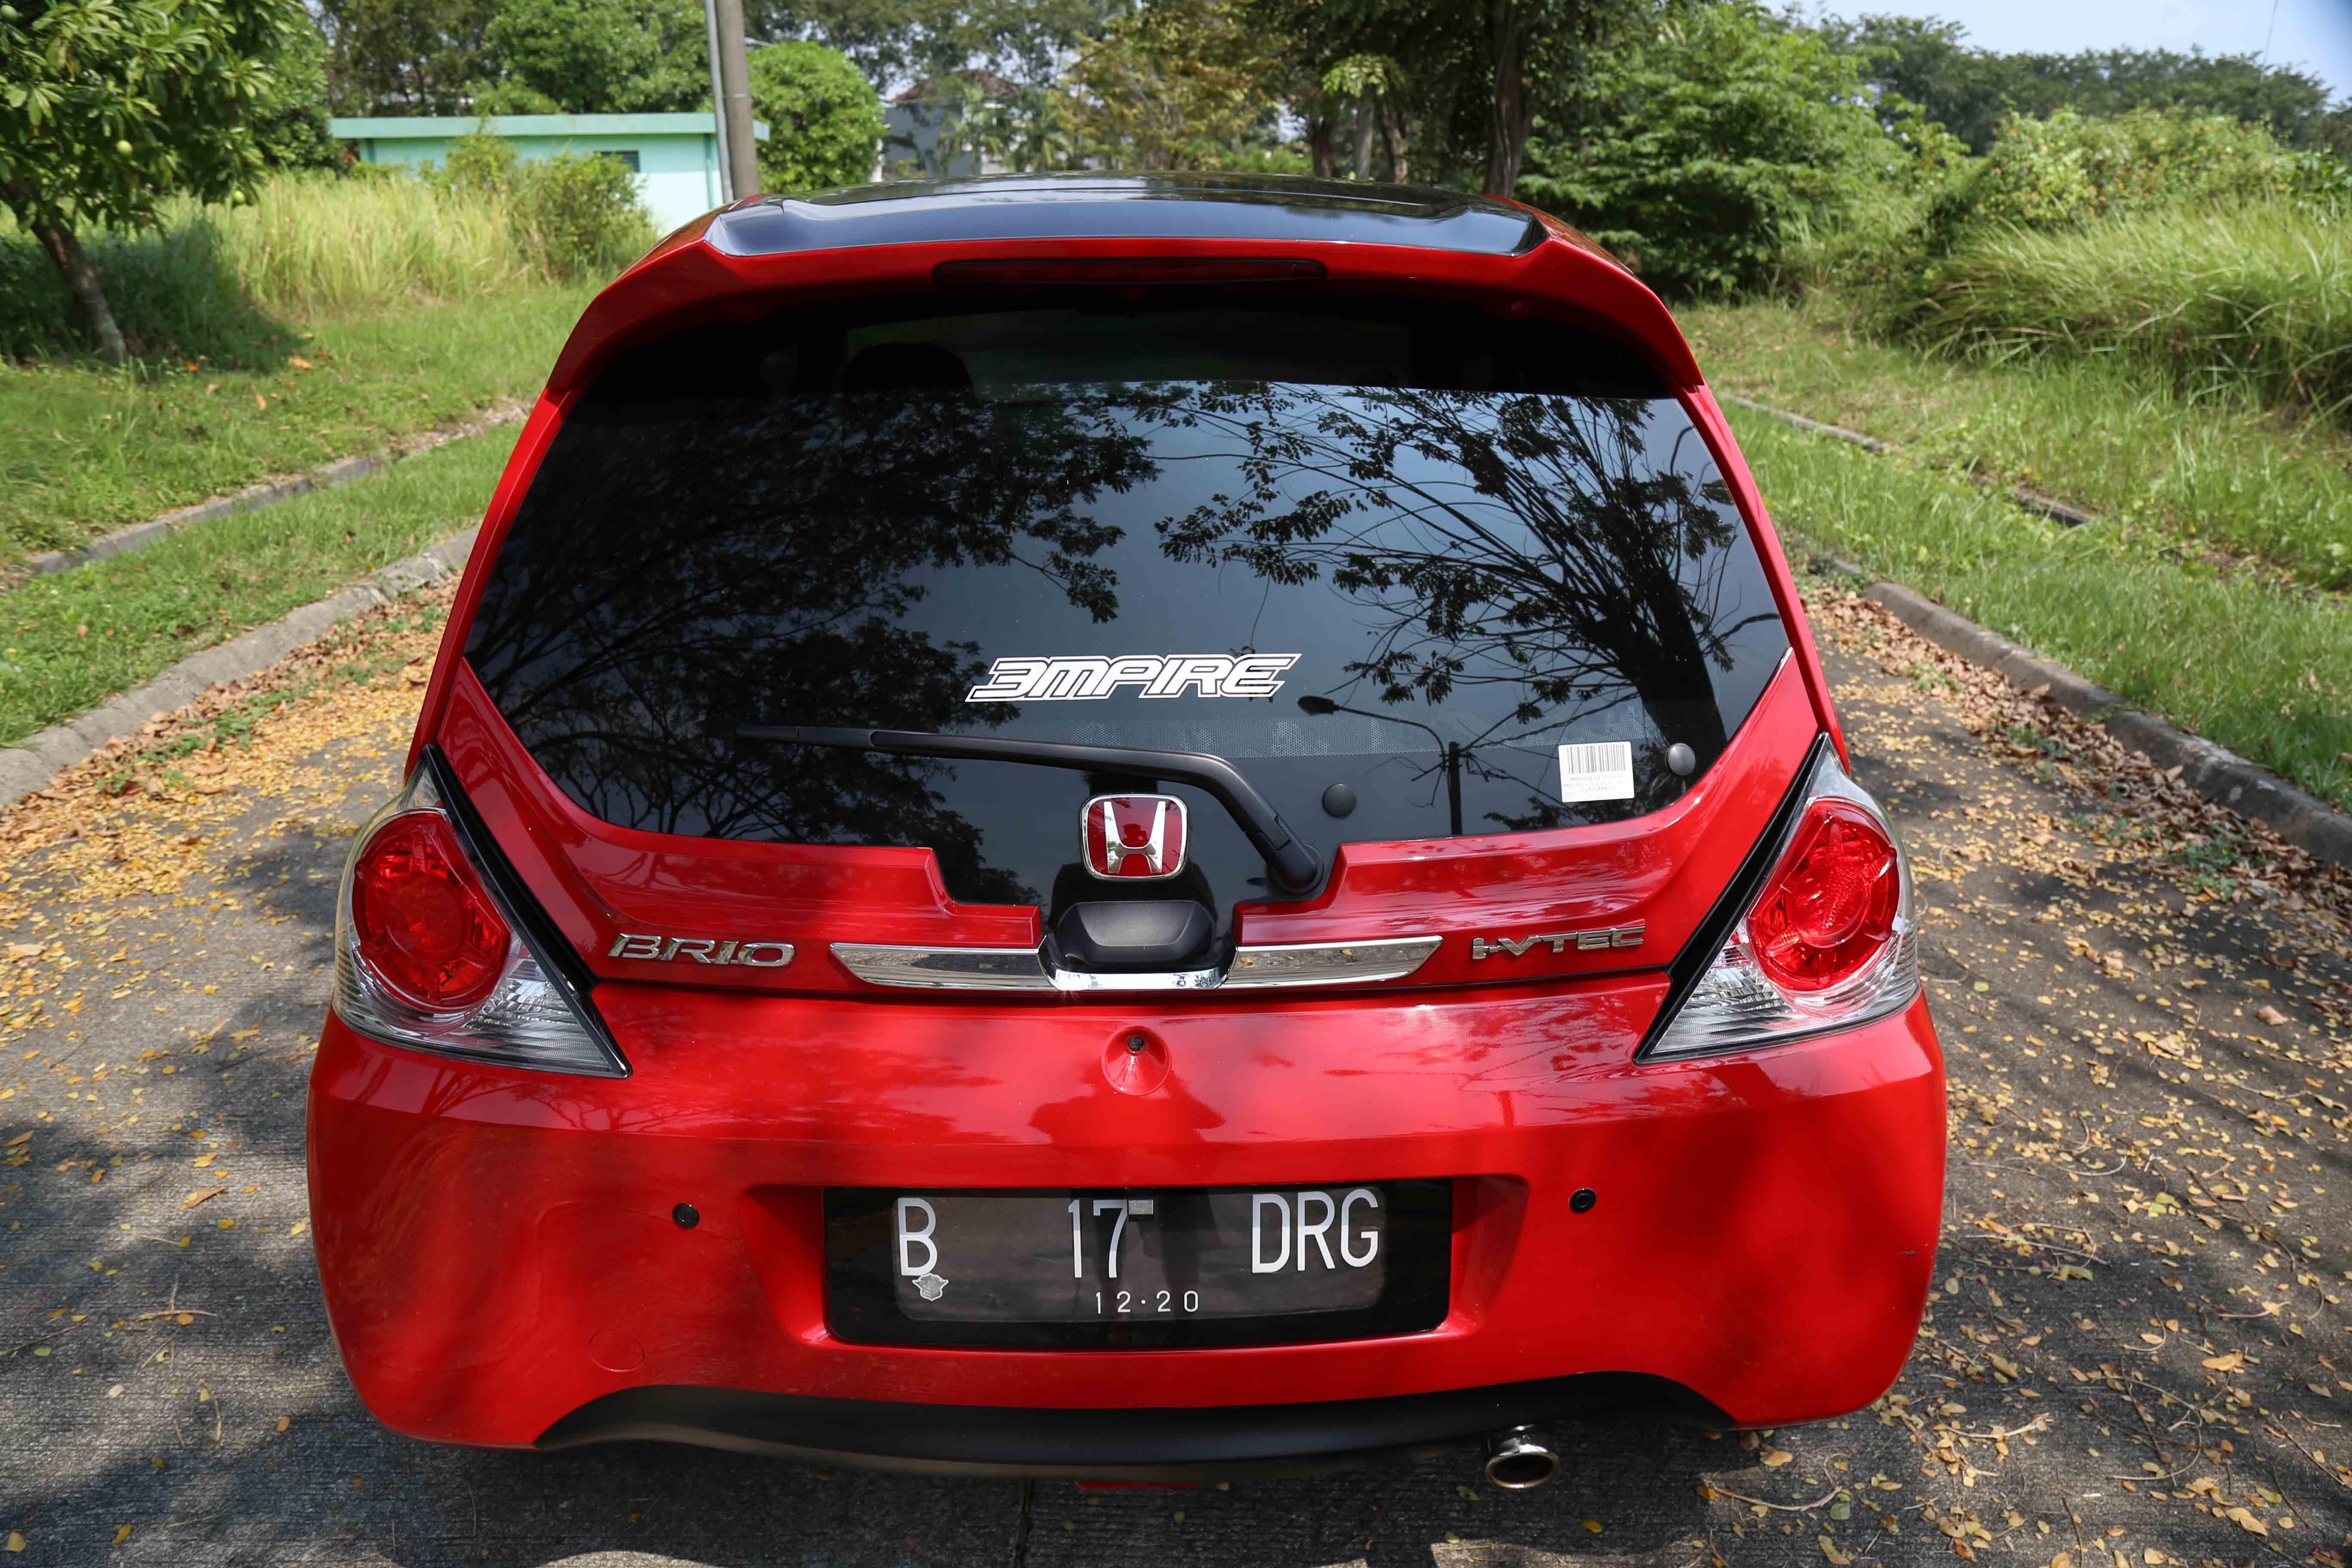 Brio Merah 'RS' - Just Show Off - Honda Brio Community